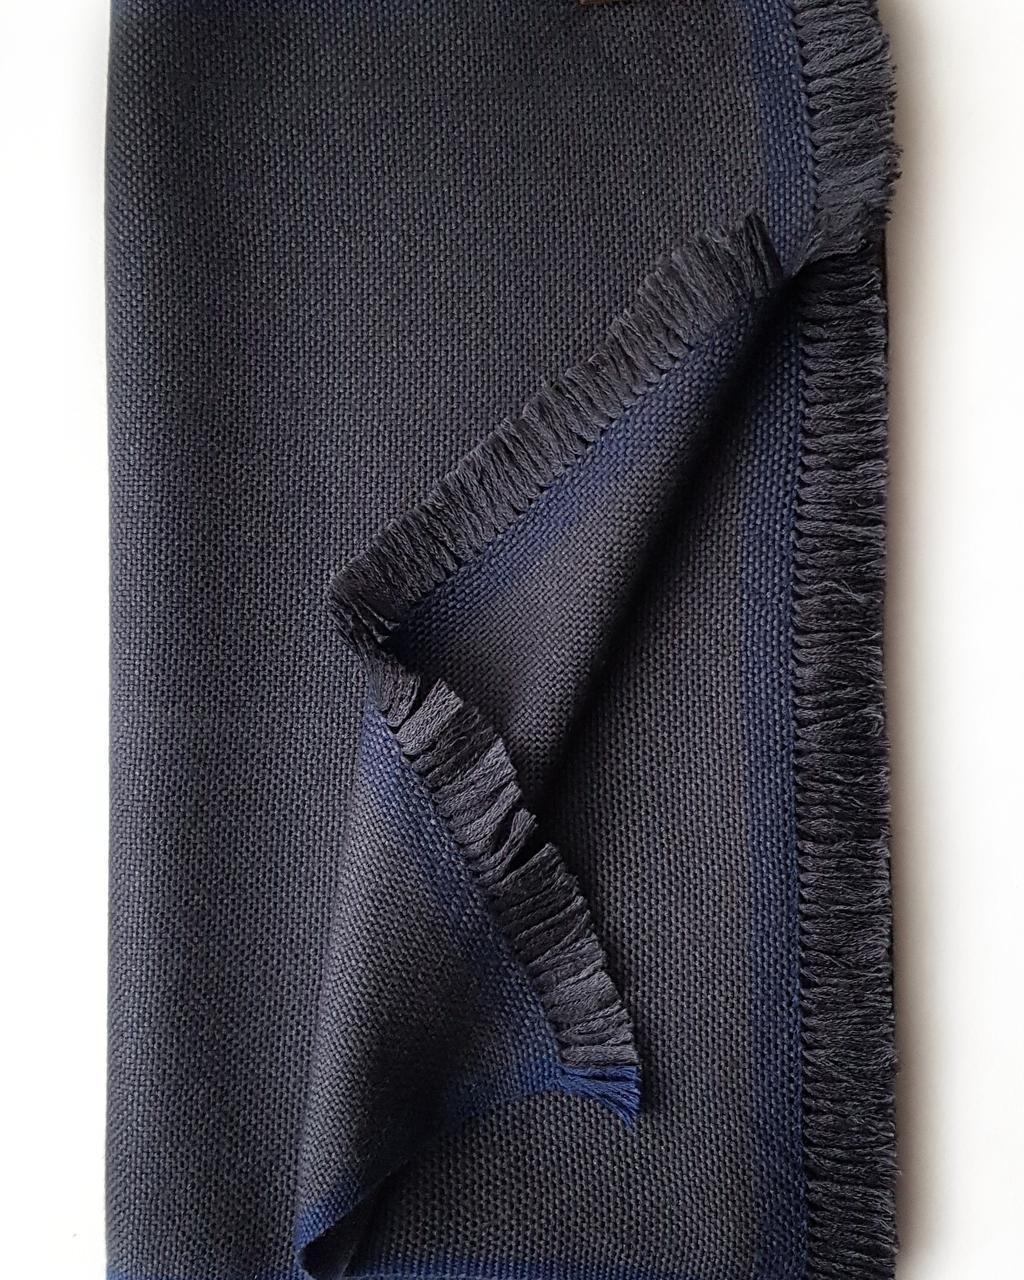 Кашемировый шарф Chadrin с шелком цвета графит